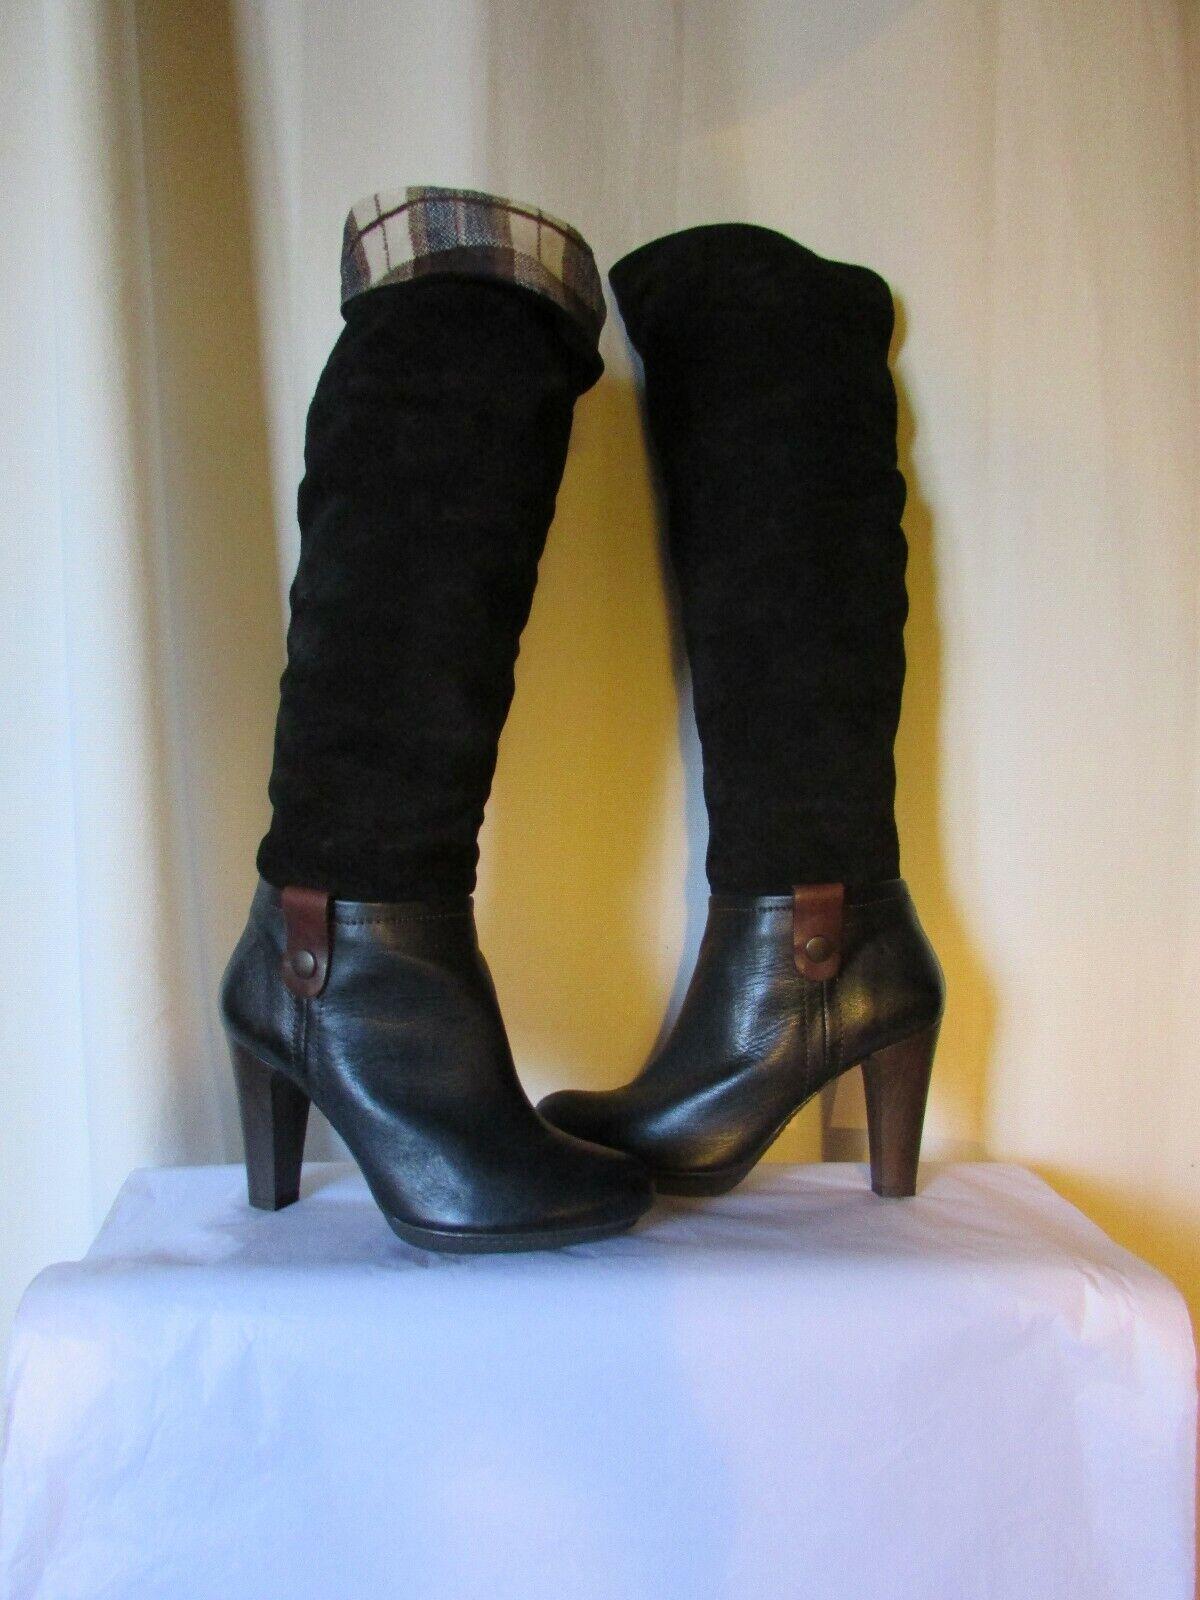 garantito Stivali fantino twiggy pelle scamosciata e pelle pelle pelle nera taglia 38  varie dimensioni